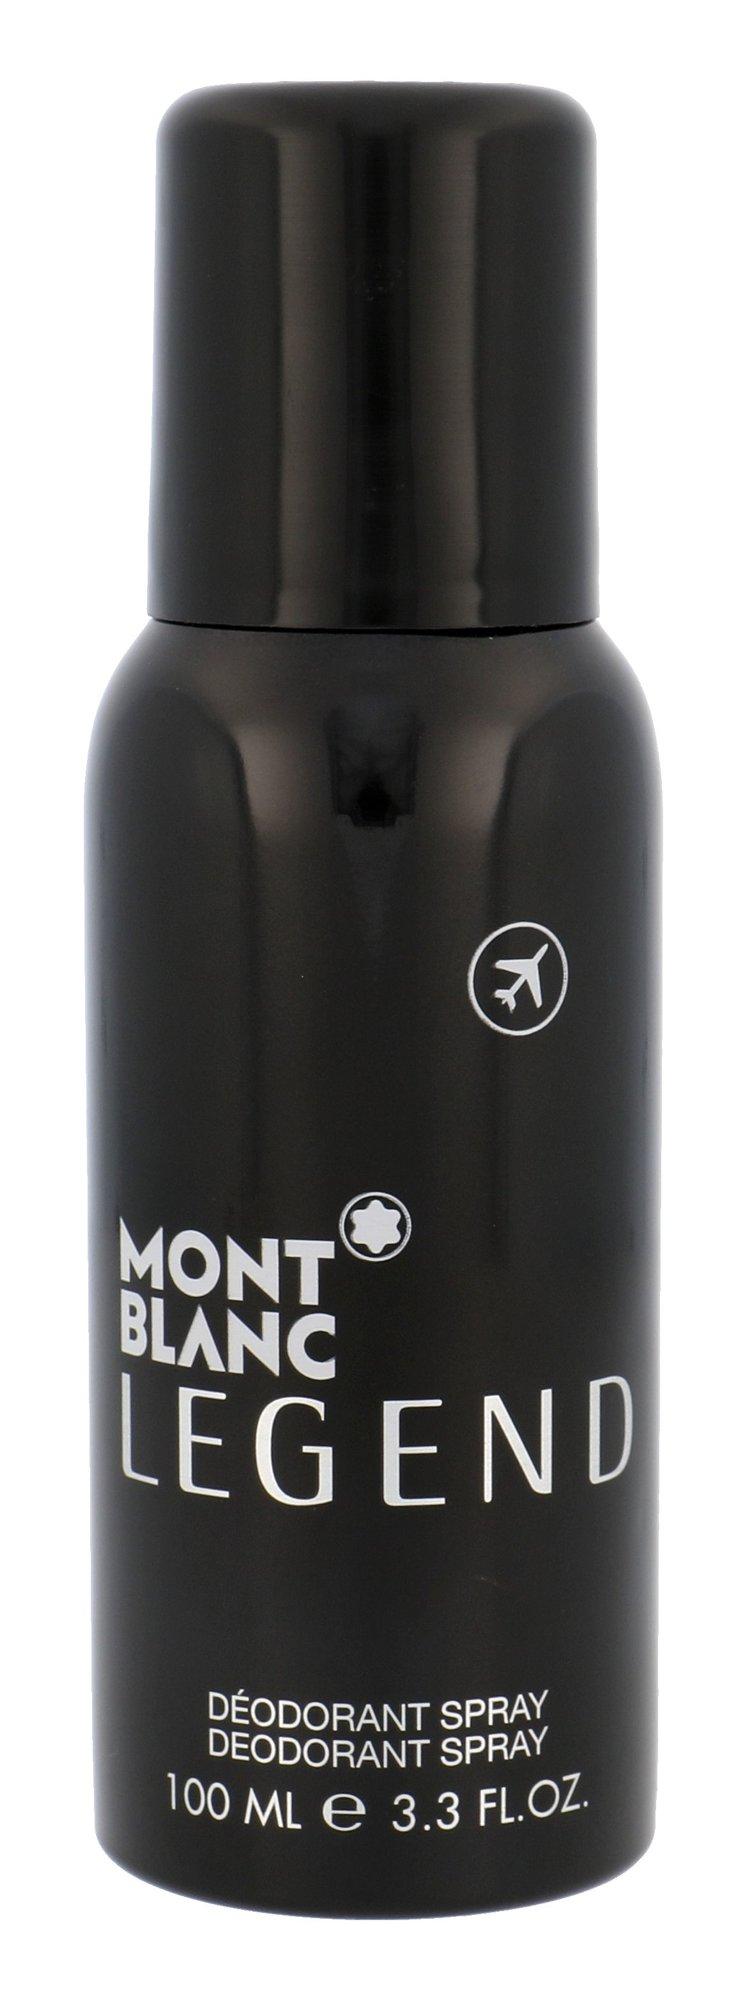 Montblanc Legend Deodorant 100ml